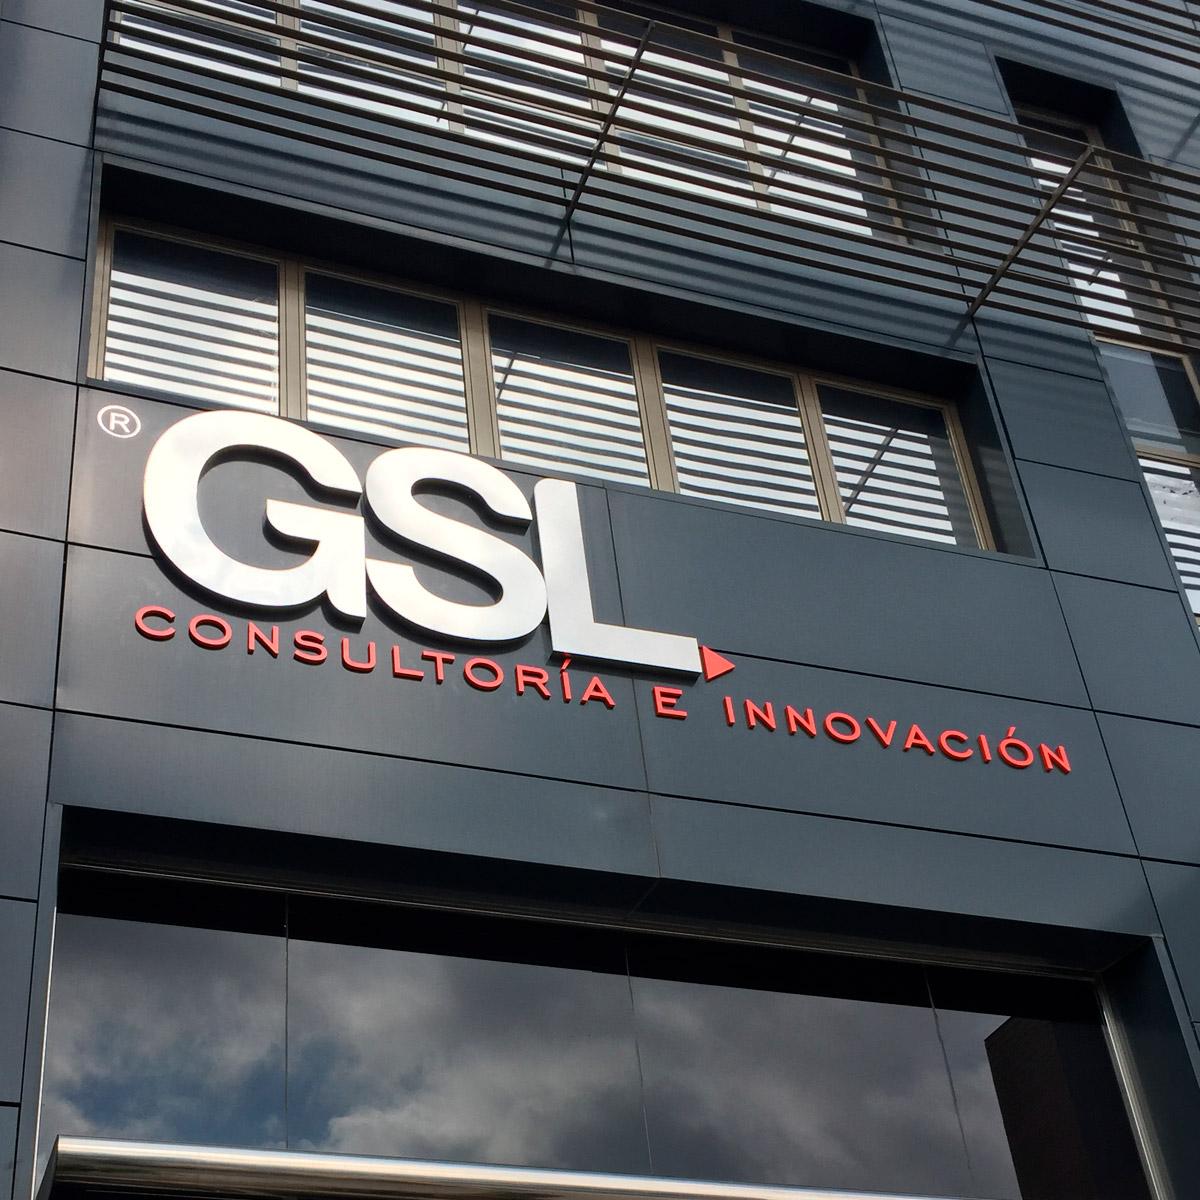 Marca GSL Consultoría e Innovación FANS Marketing Málaga